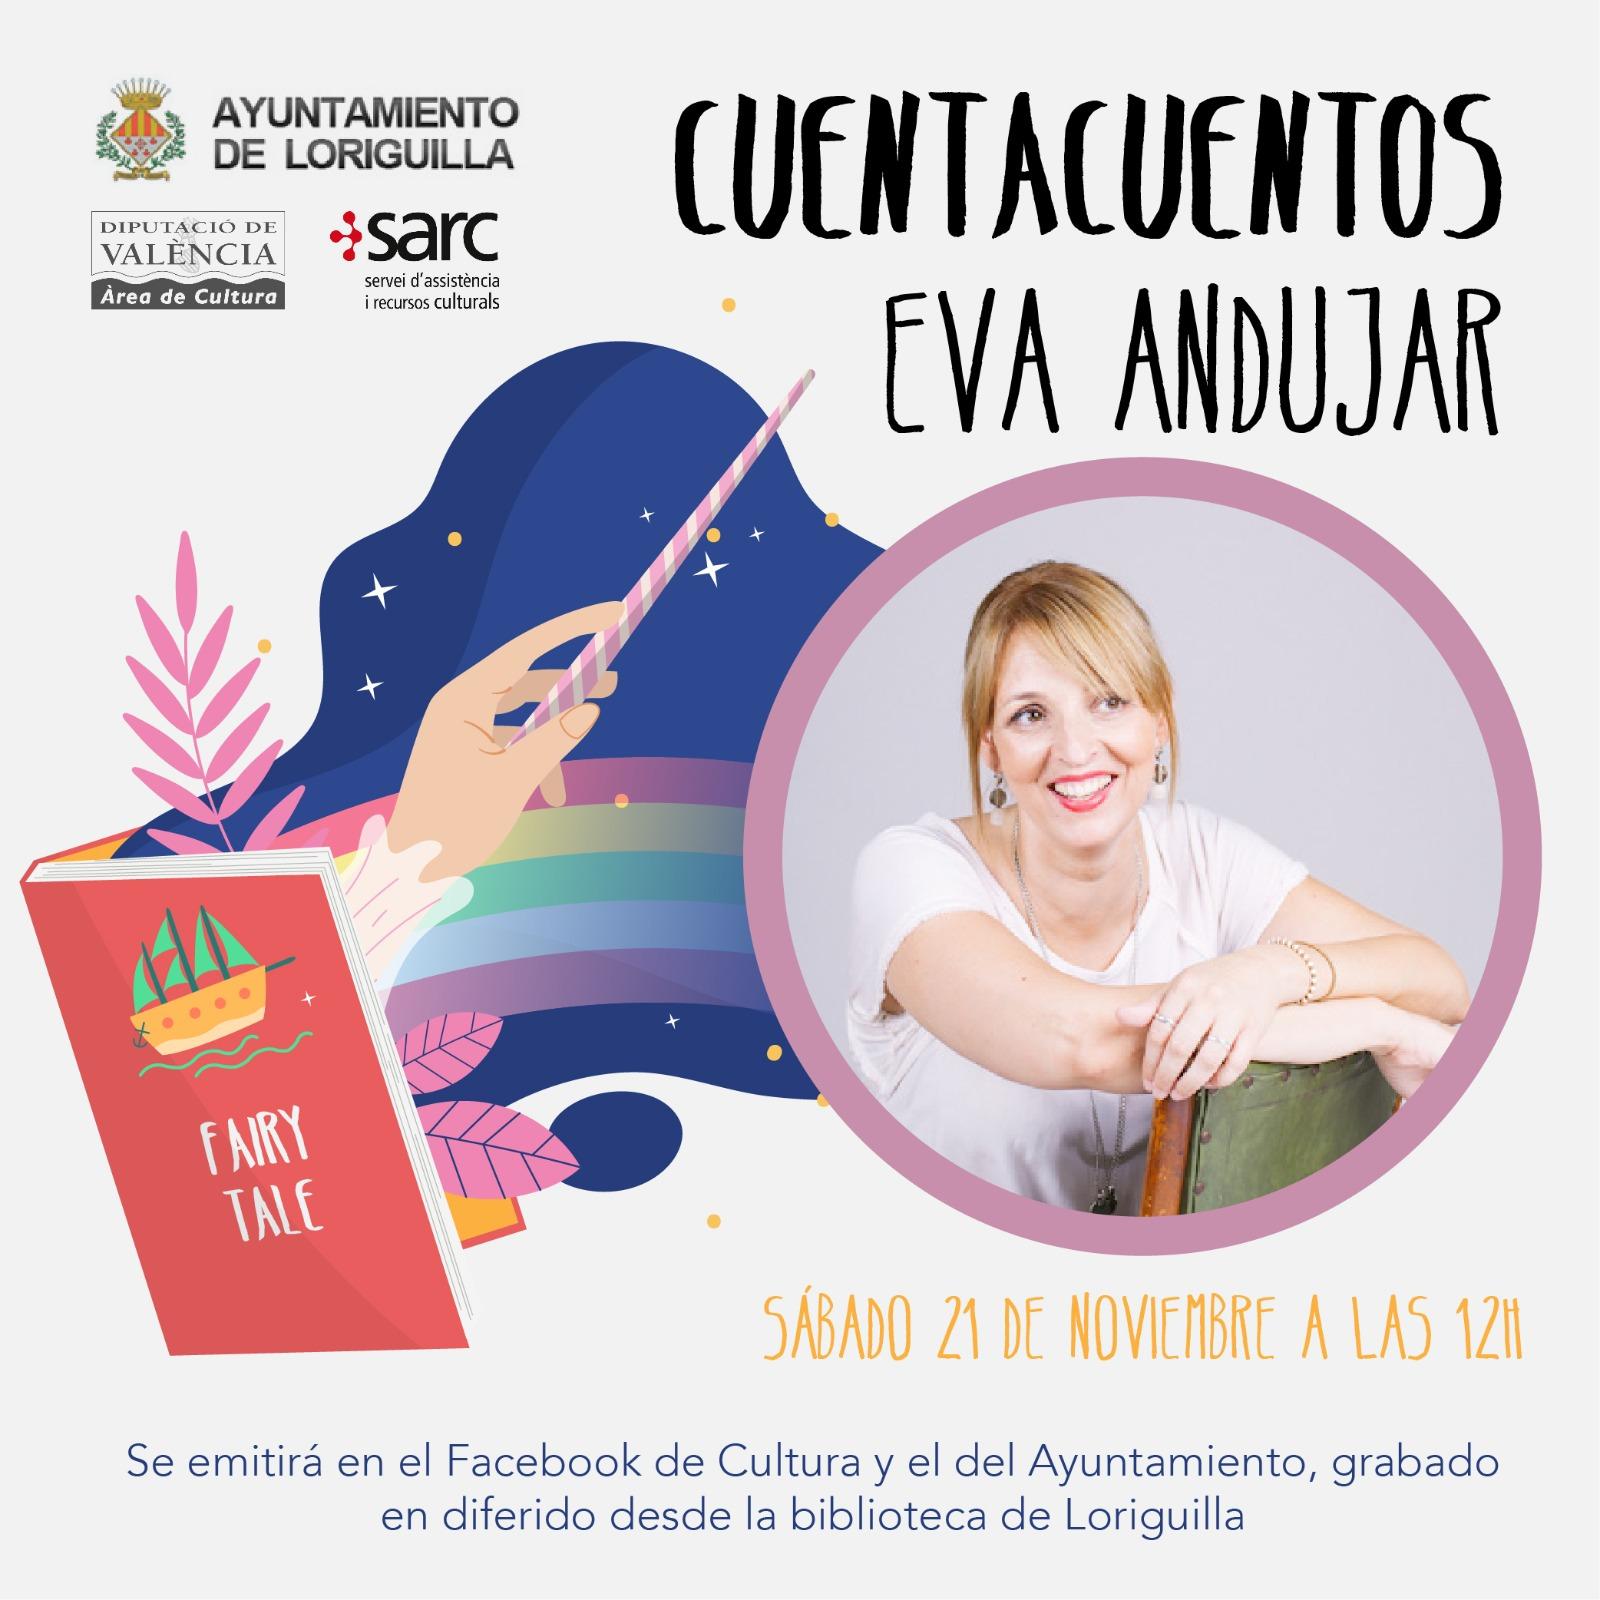 Loriguilla programa un cuentacuentos virtual en sus redes sociales el sábado 21 a las 12:00 horas